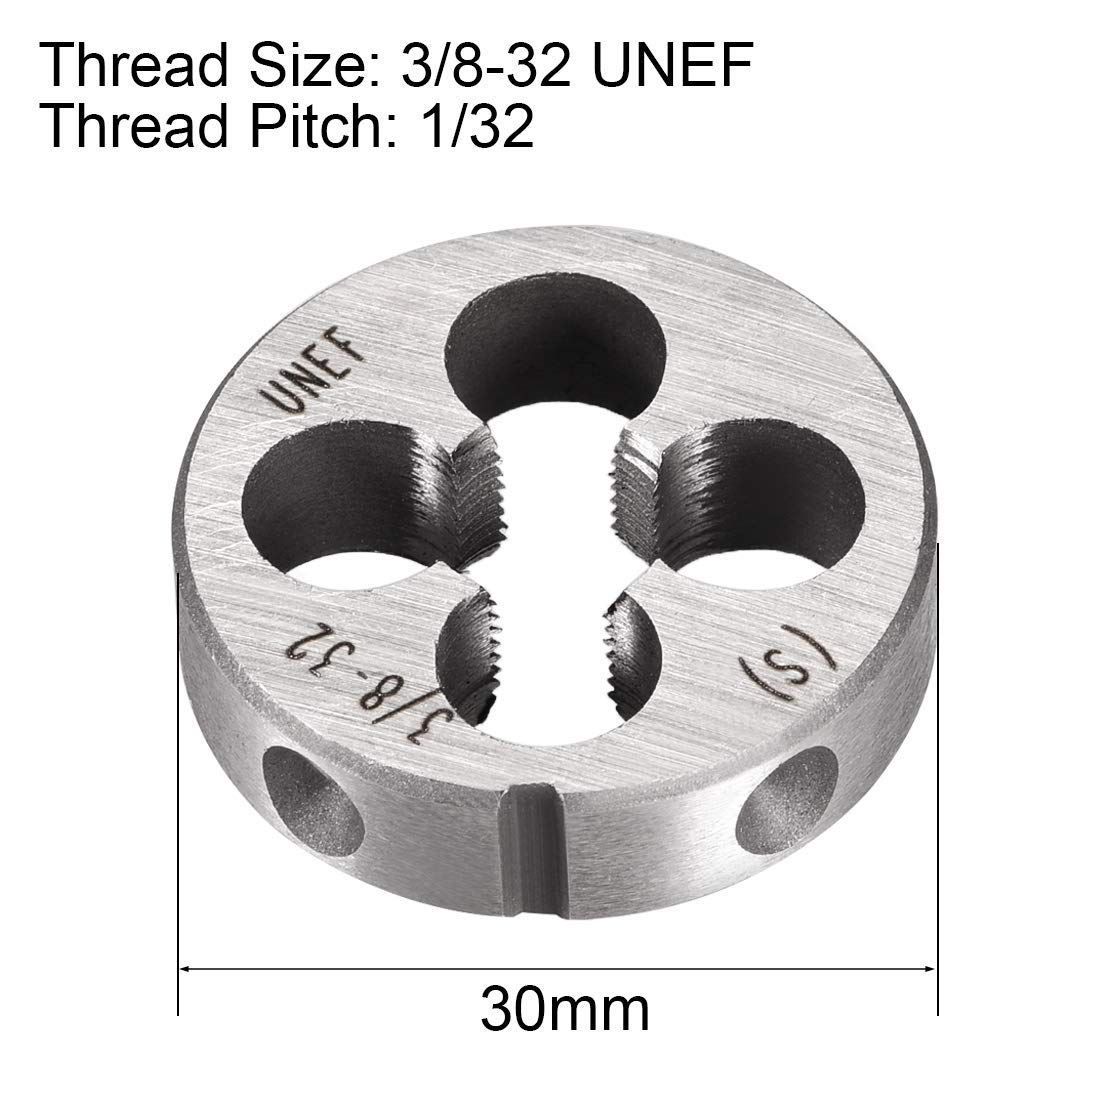 Screw die Tool Tapping die 2 Pieces 3//8 inch-32 UNEF Round die of The Right die Machine HSS high Speed Steel